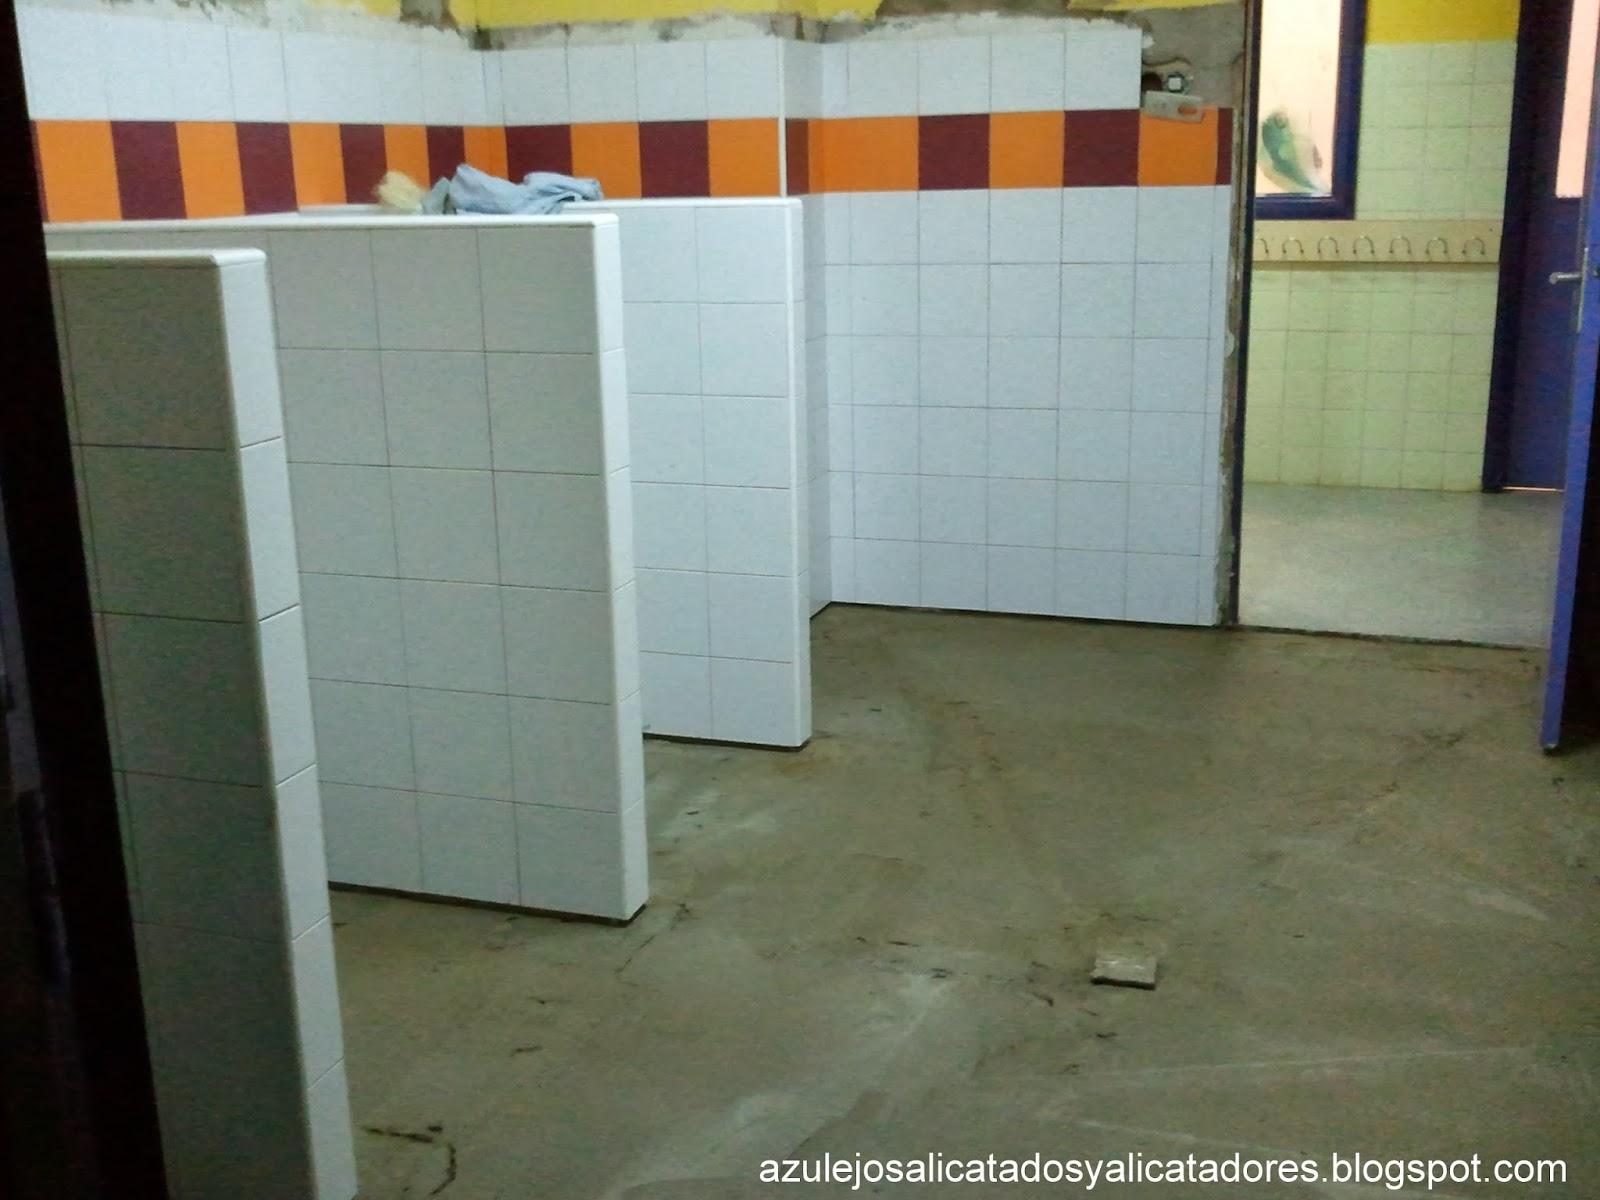 Azulejos alicatados y alicatadores cantonera for Lechada azulejos bano